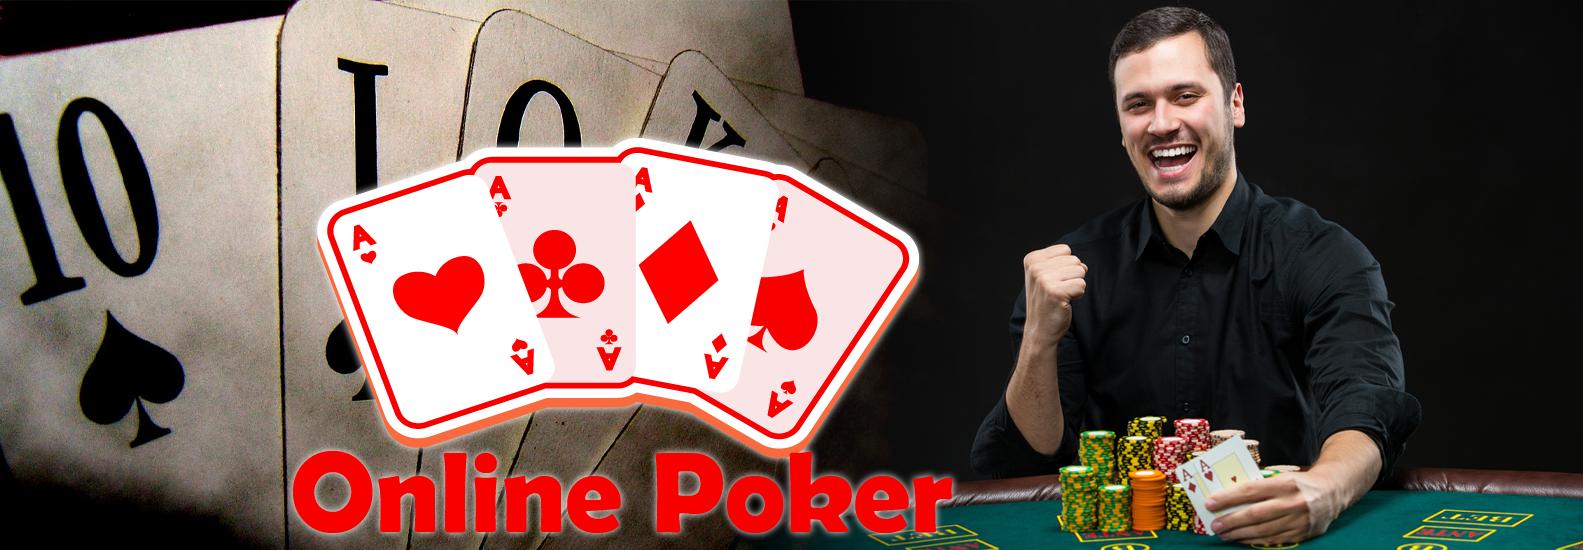 Kelebihan Berjudi Via Situs Poker Online Yang Sangat Spektakuler